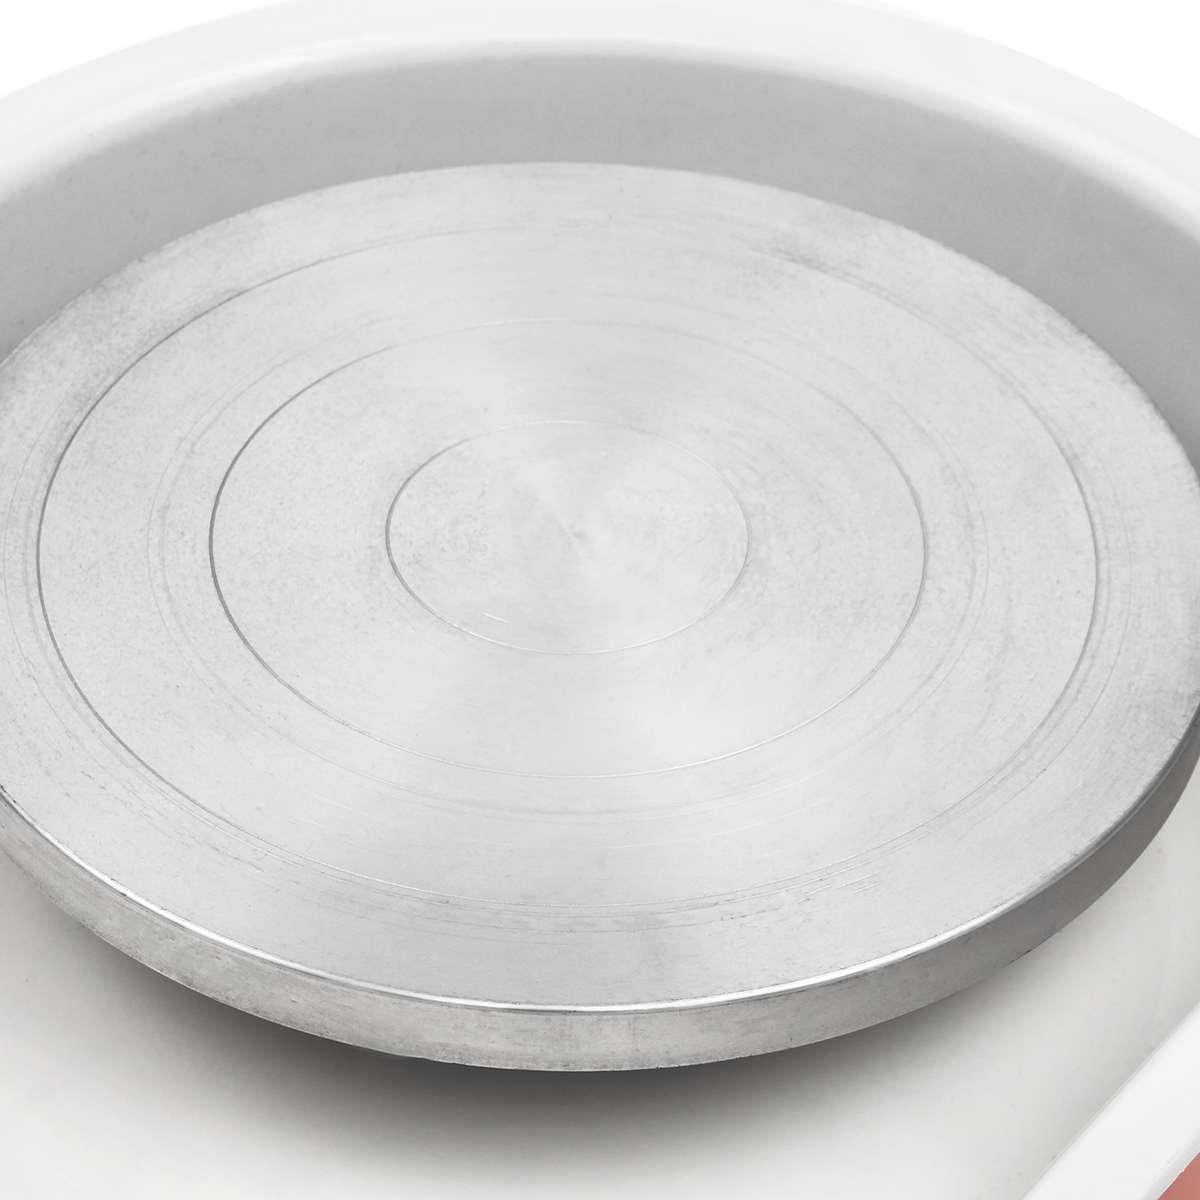 220 V 250 W poterie électrique roue 25 cm poterie formant la Machine argile pour travaux pratiques sculpture céramique Machine Variable vitesse réversible - 3